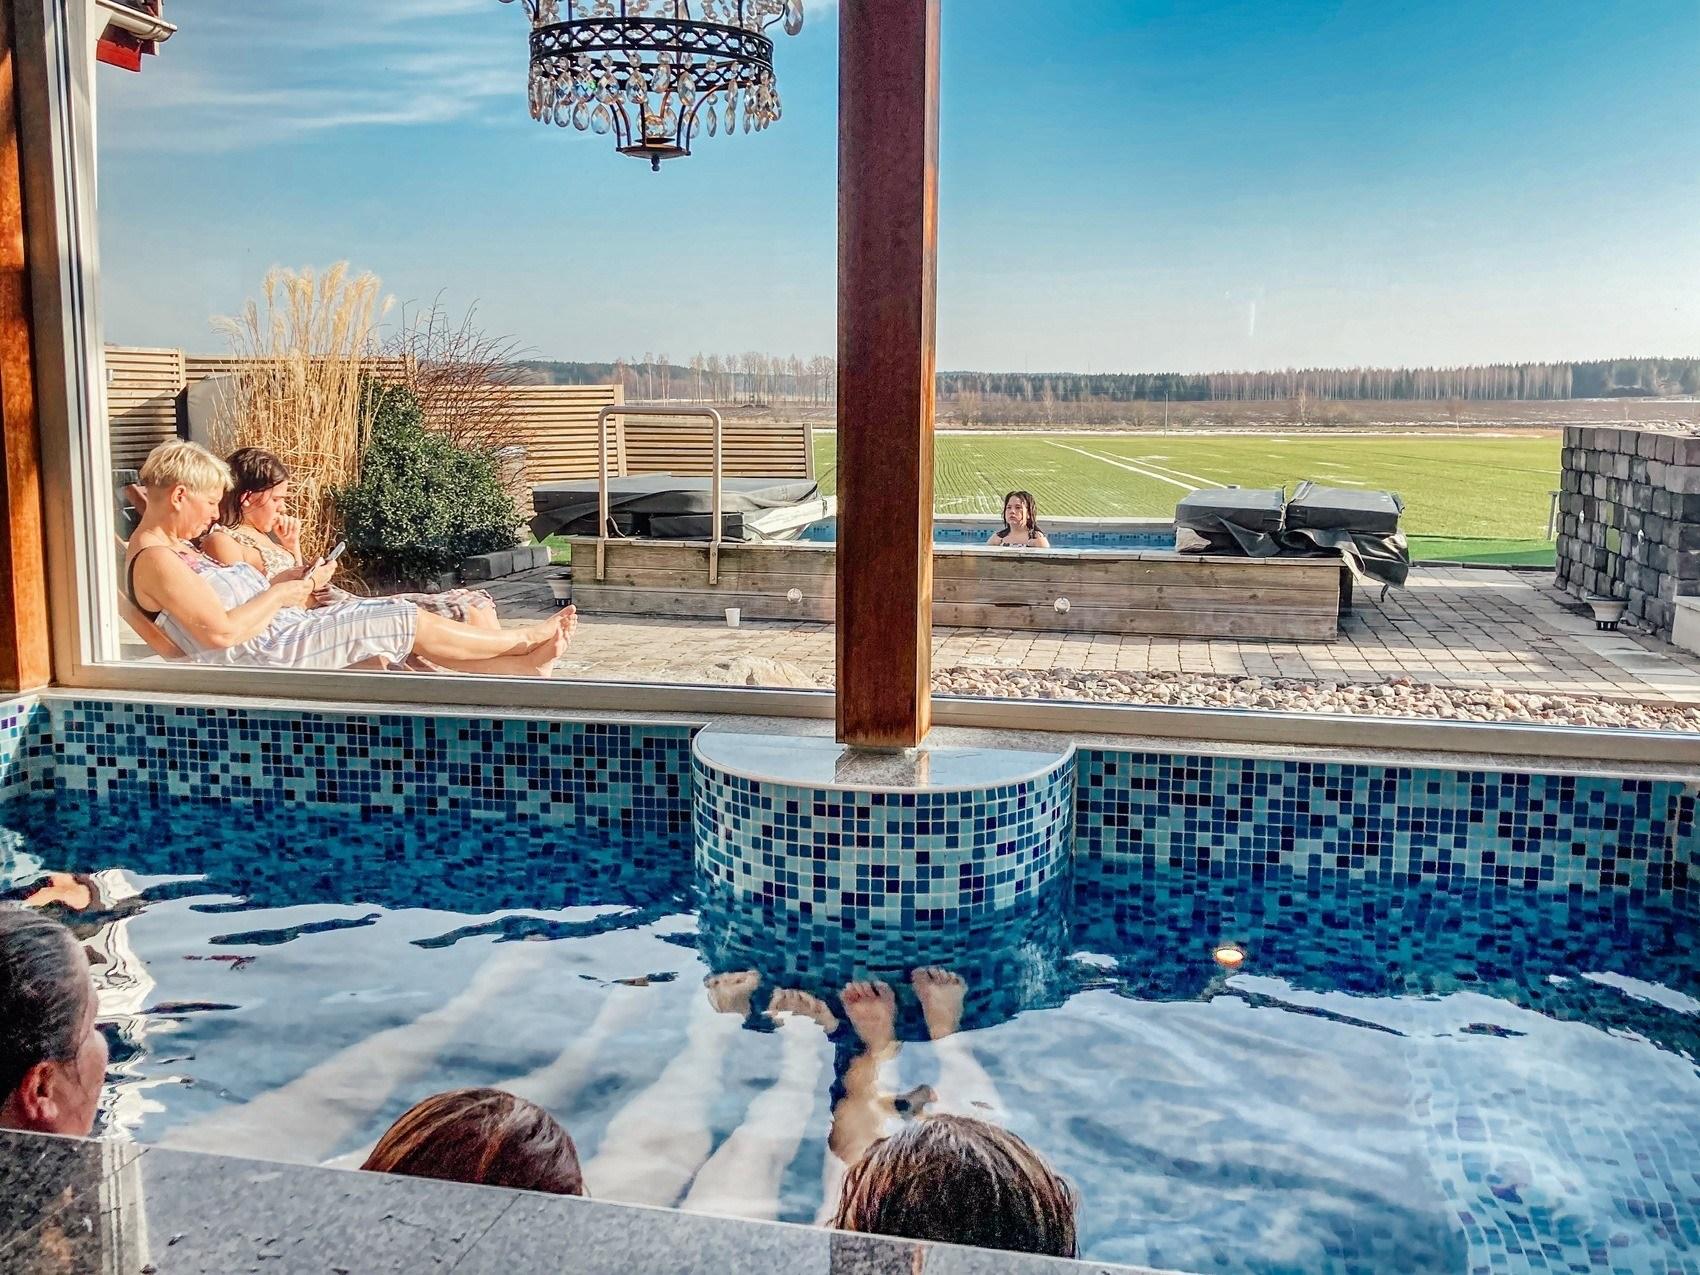 Två personer ligger i en pool med blå mosaik och blickar ut genom två stora fönsterpartier. Utanför ses gröna slätter och blå himmel.